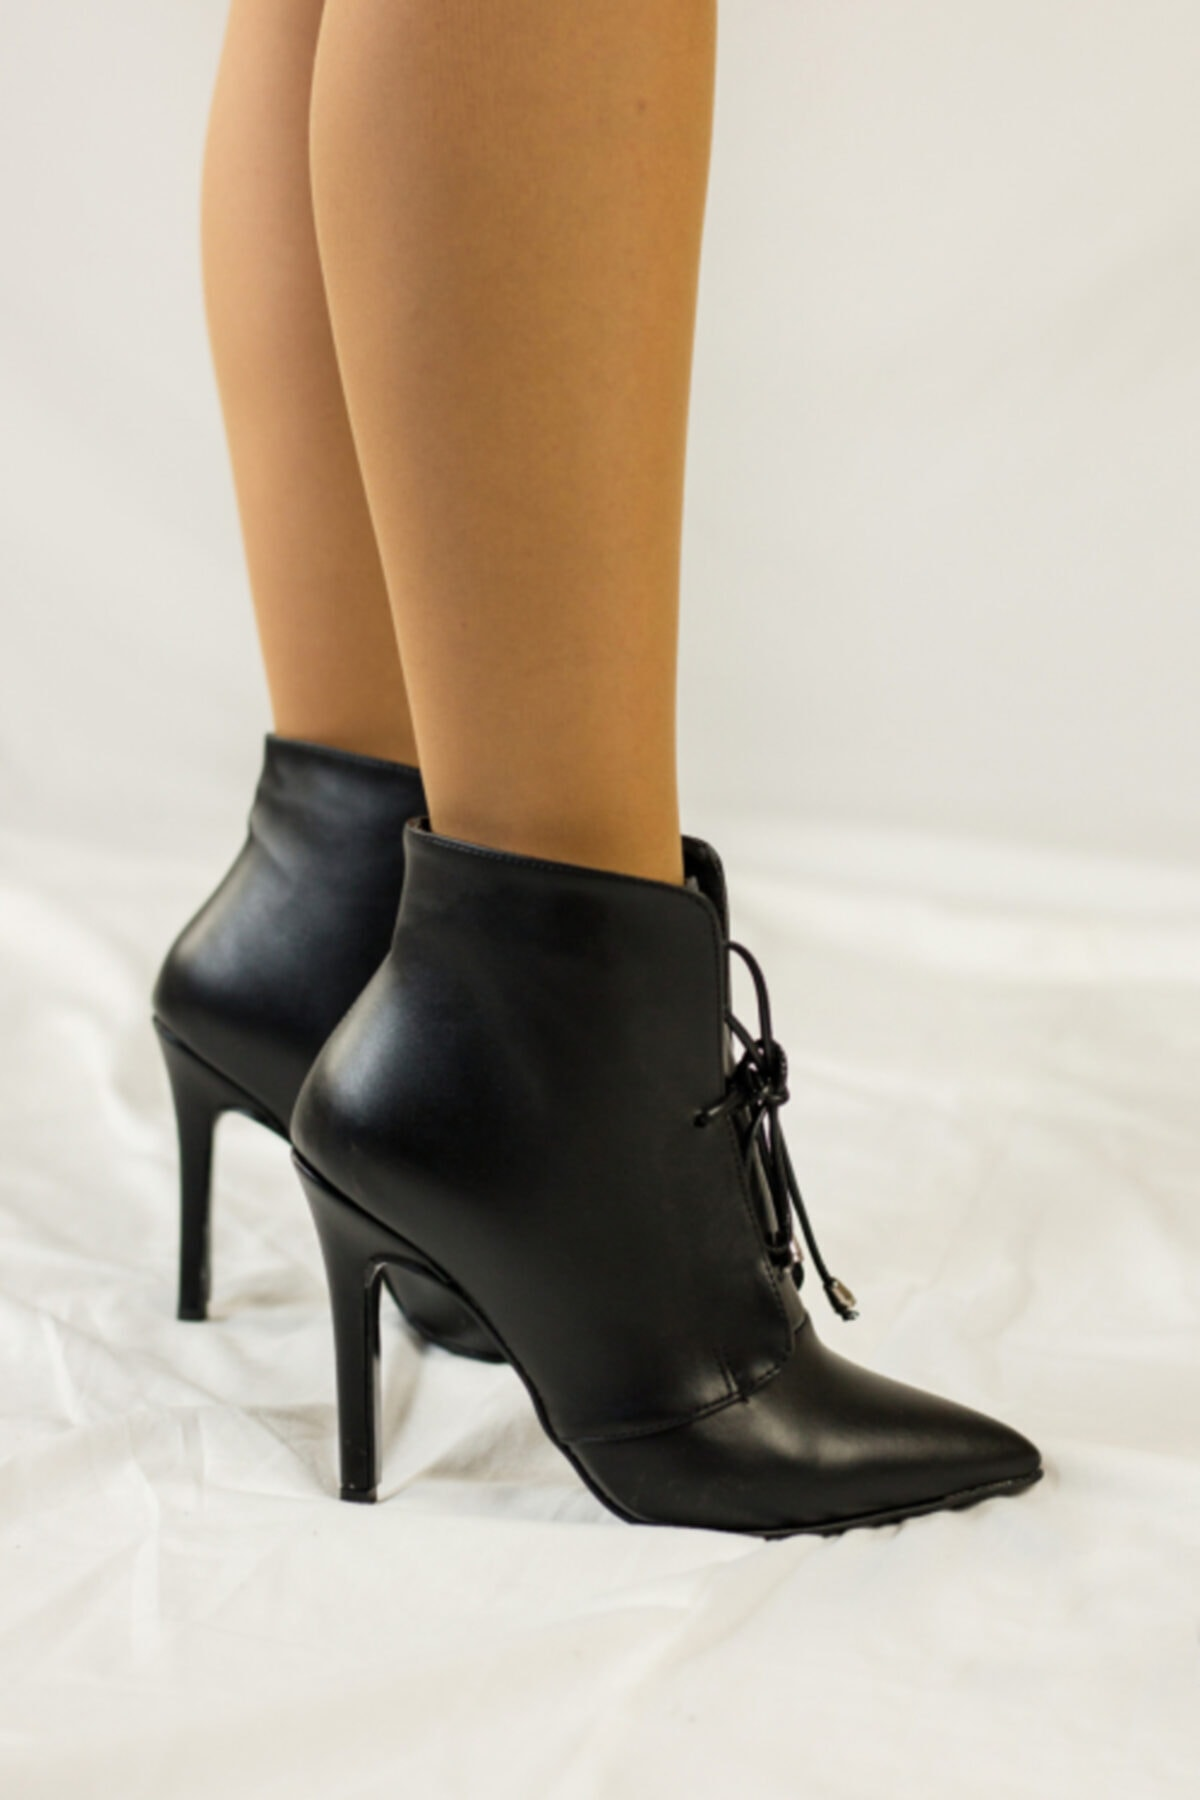 JOY BRAVE SHOES Kadın Siyah Ince Topuklu Ayakkabı